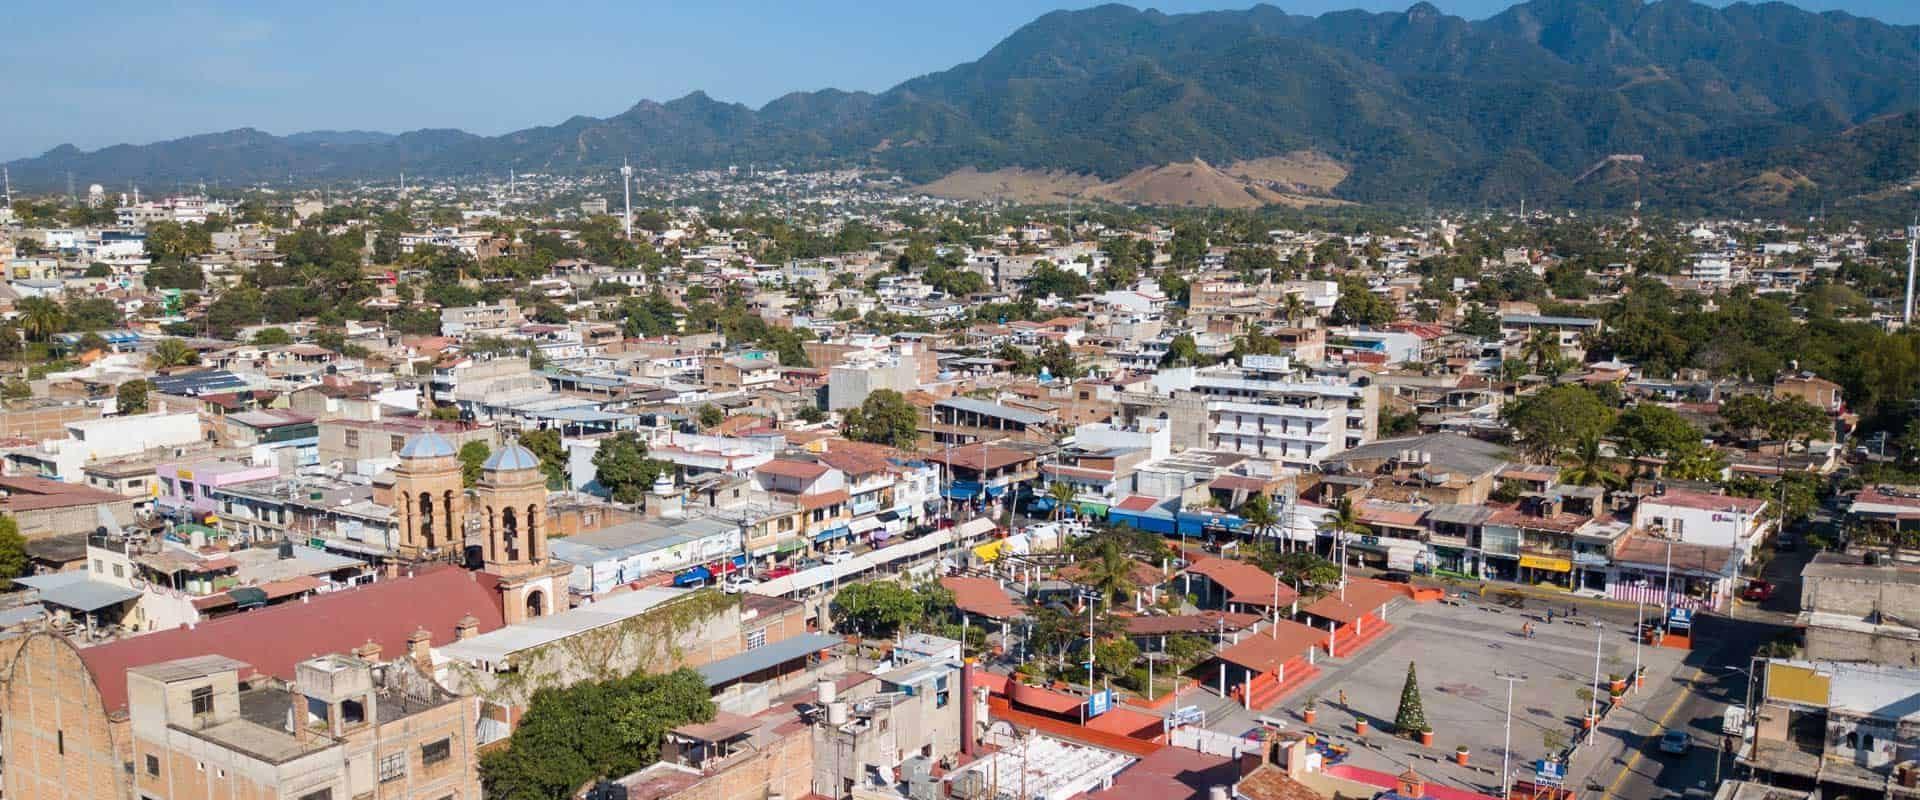 Rio Pitillal Arriba Real Estate